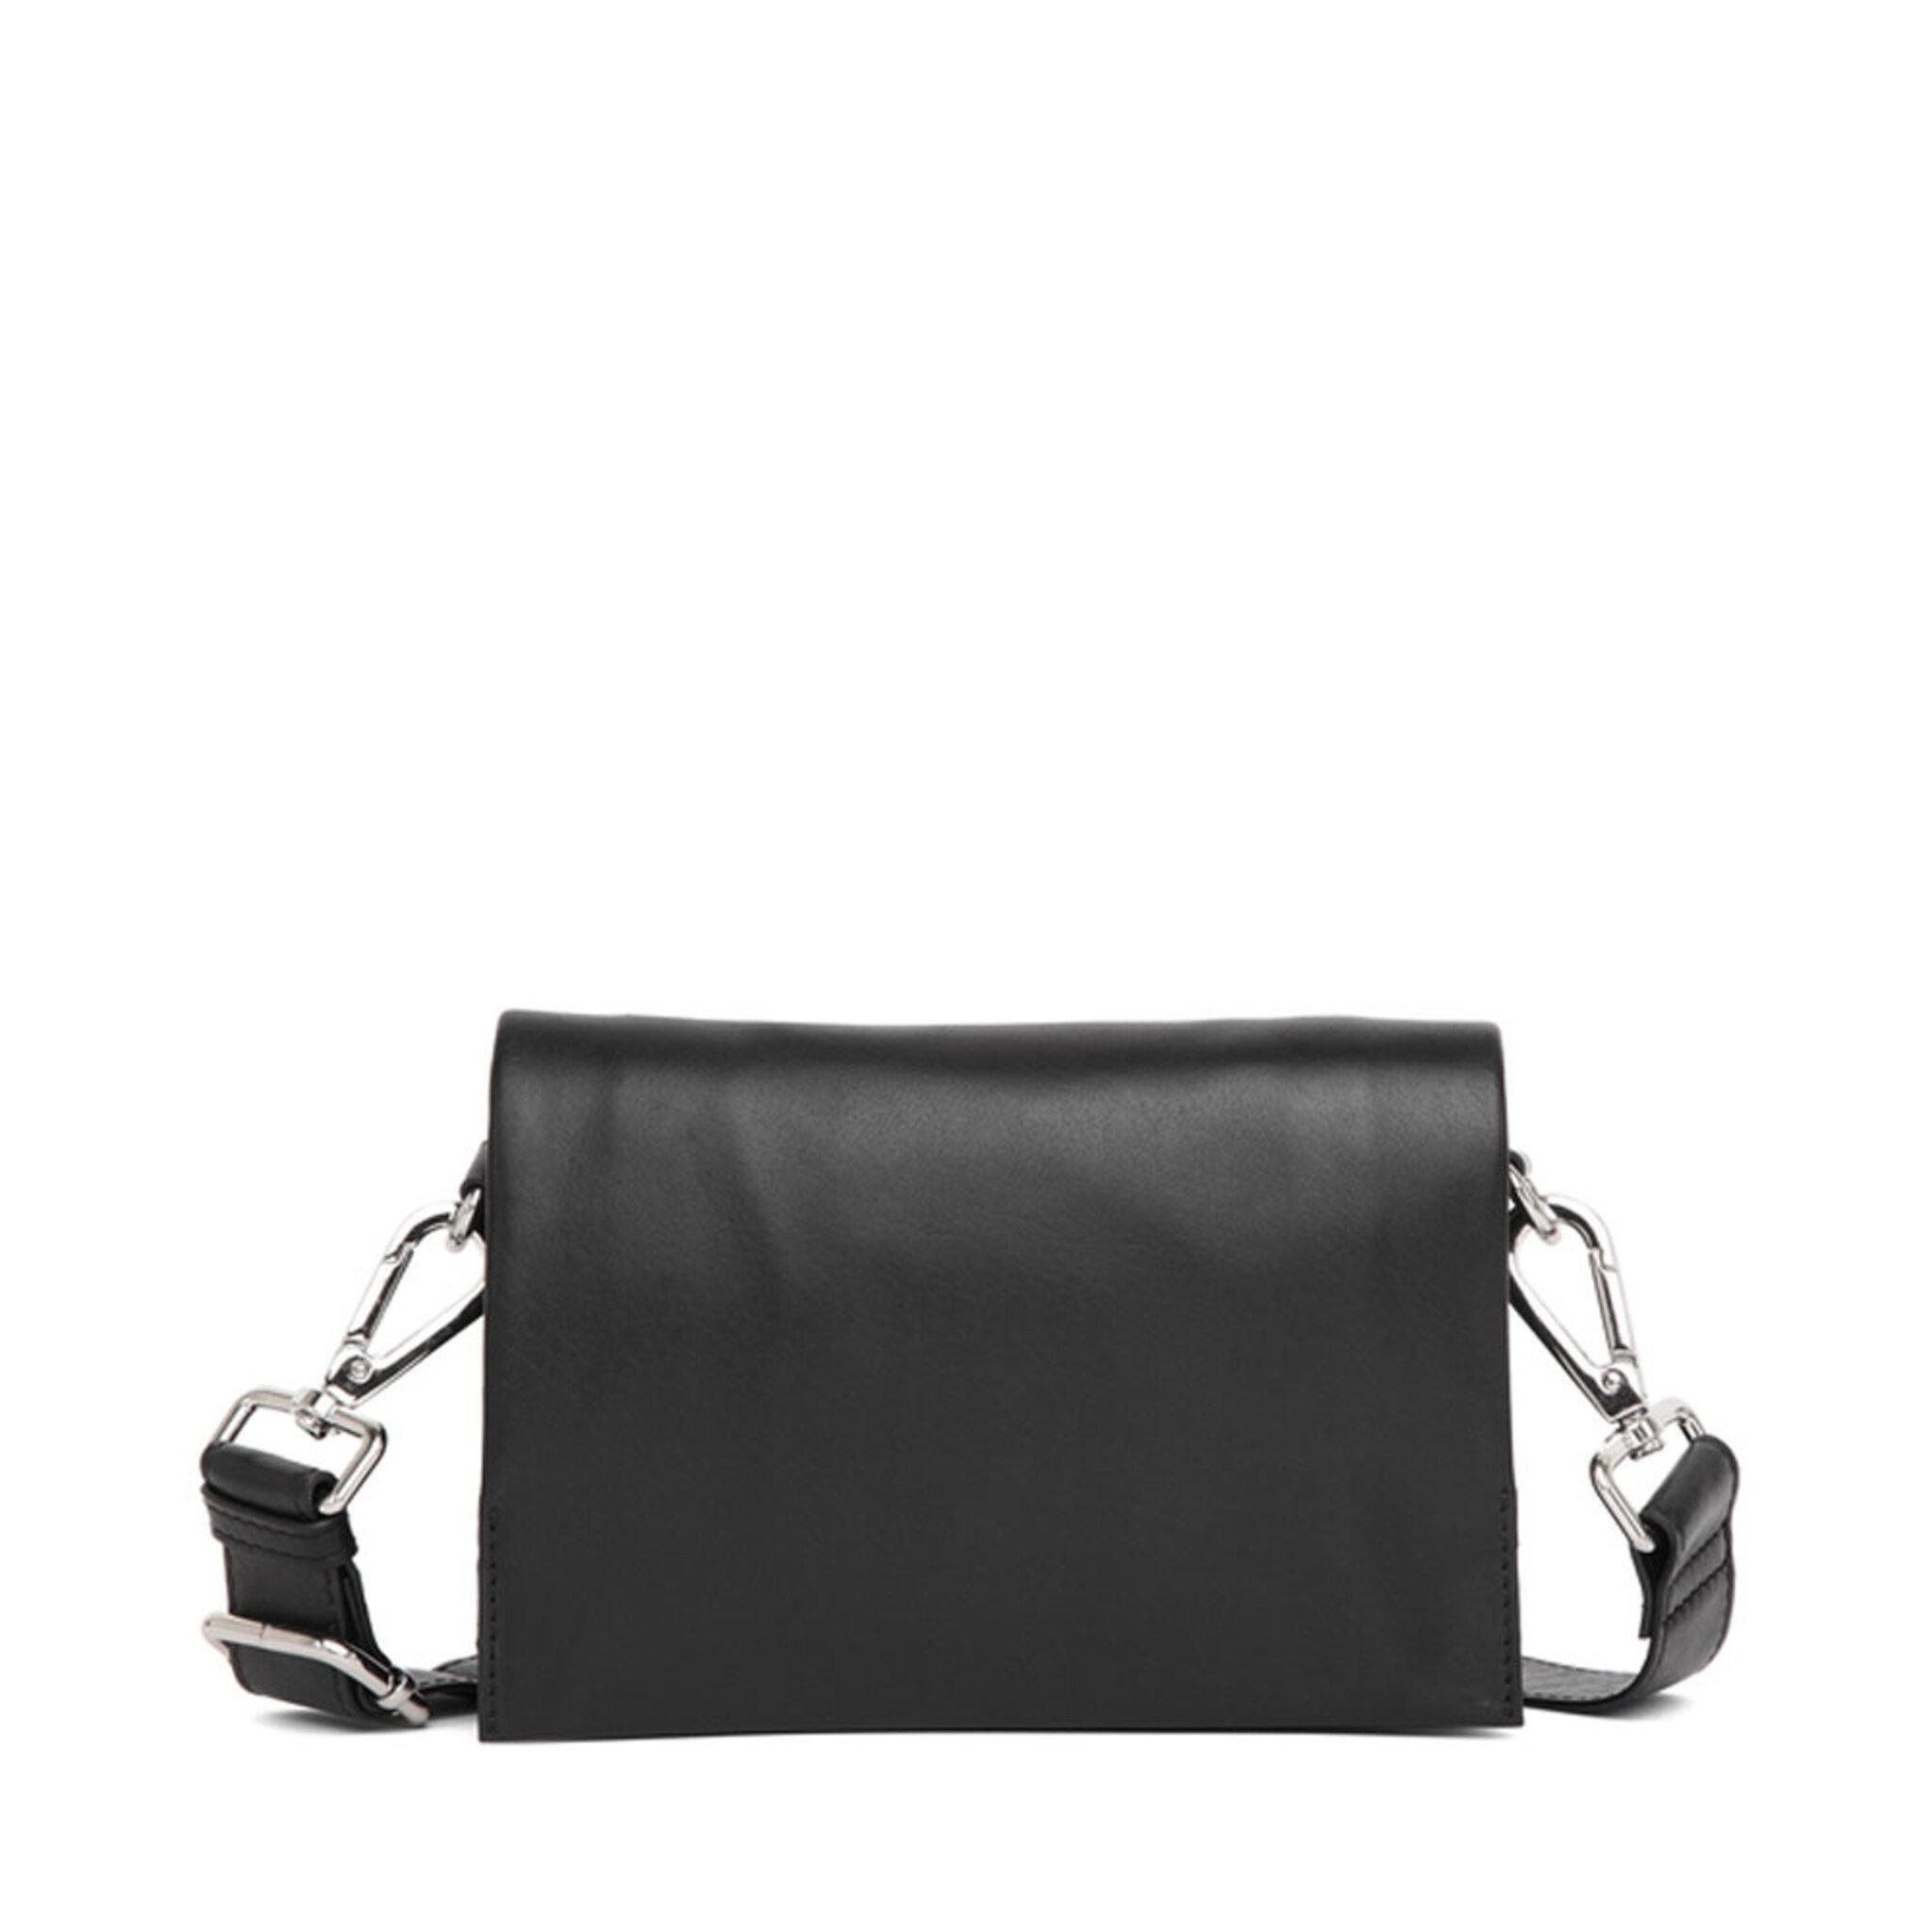 Amalfi shoulder bag Franca